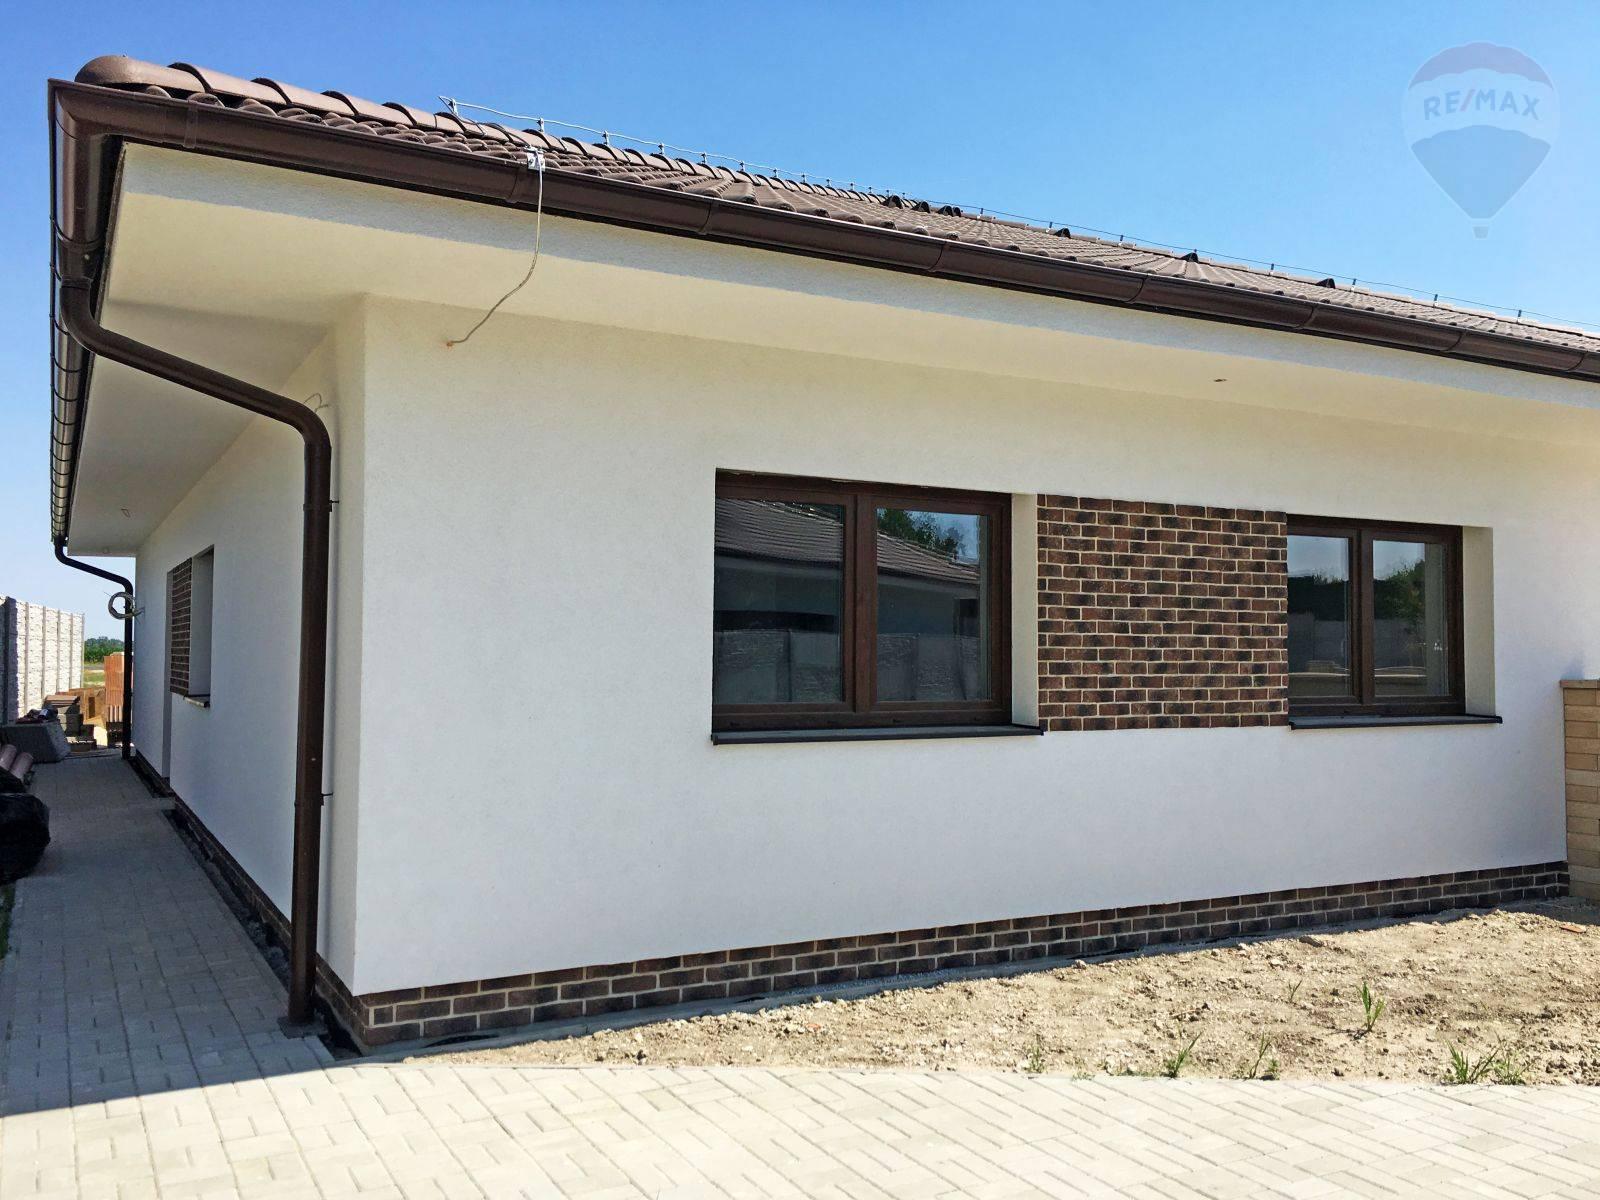 Predaj domu 100 m2, Šamorín - Rodinný dom Mliečno - pohľad z ulice